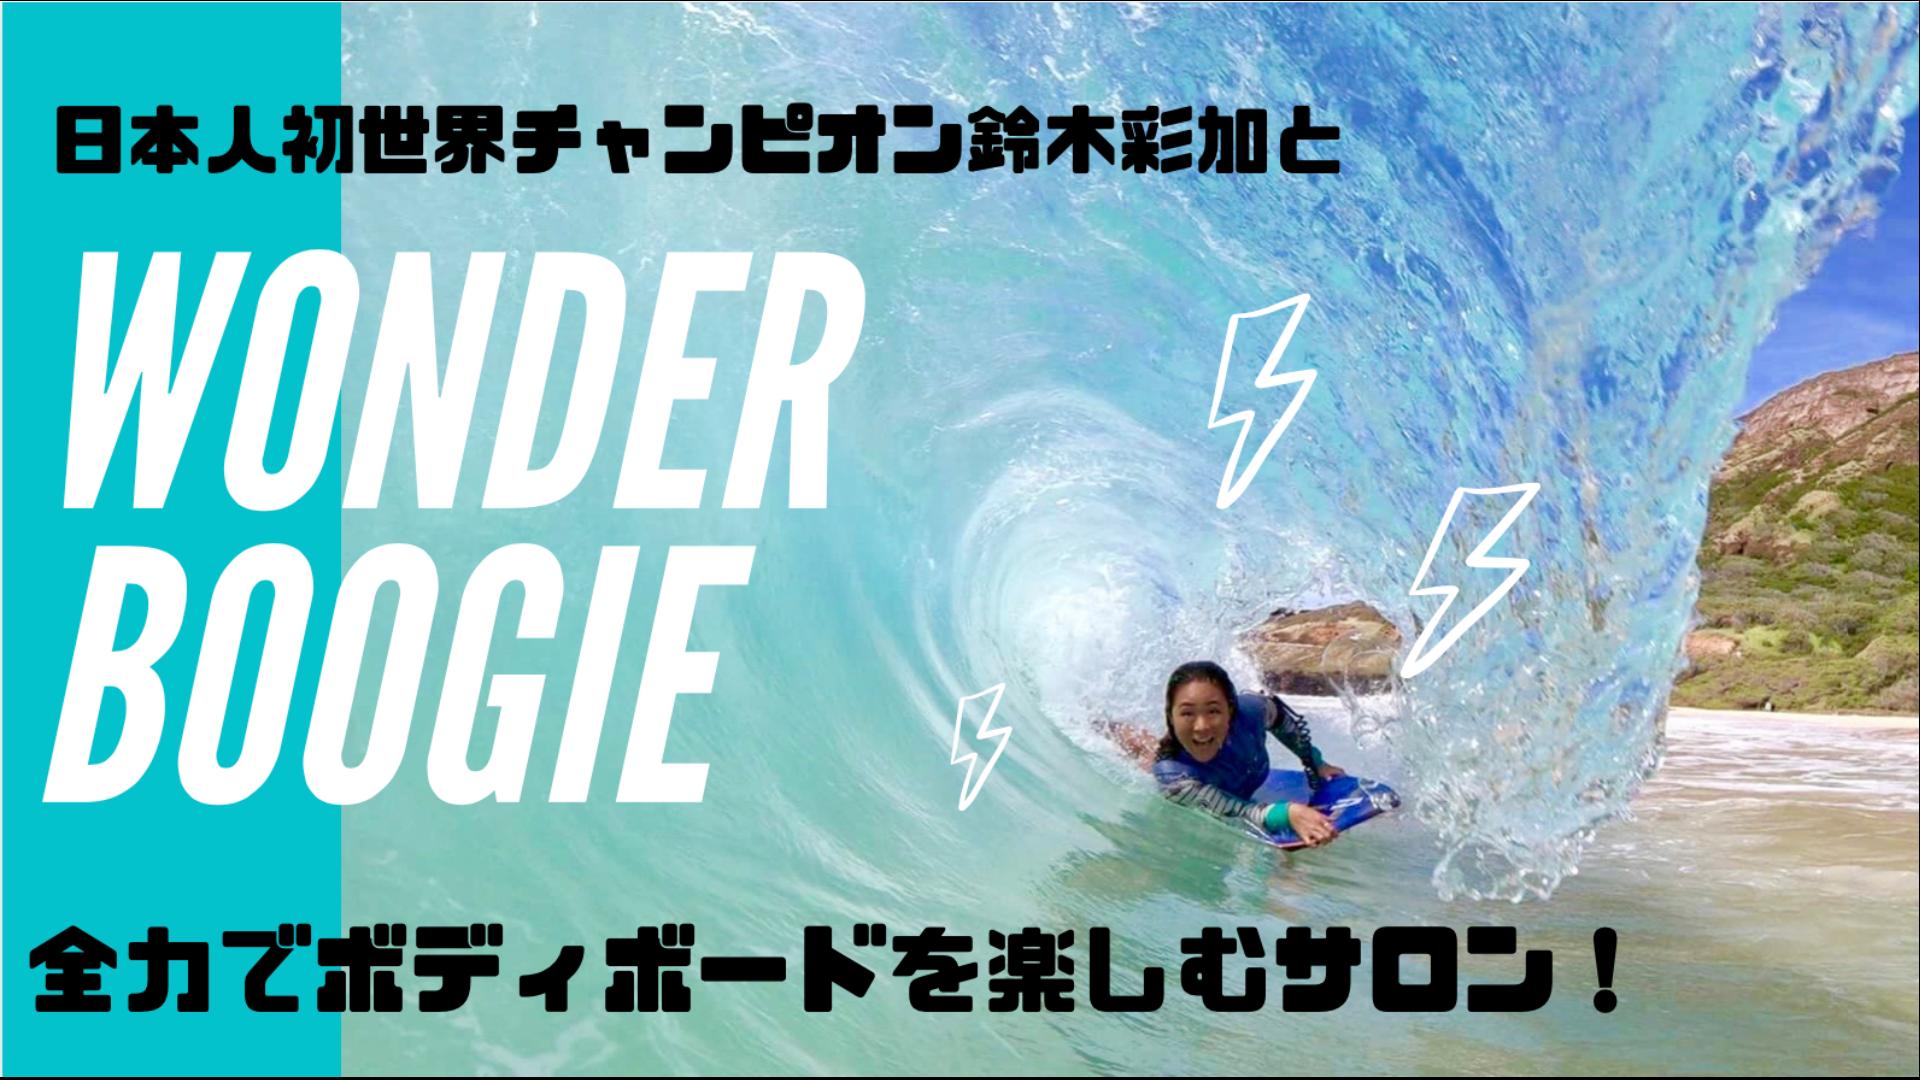 Wonder Boogie -全力でボディボードを楽しむサロン-